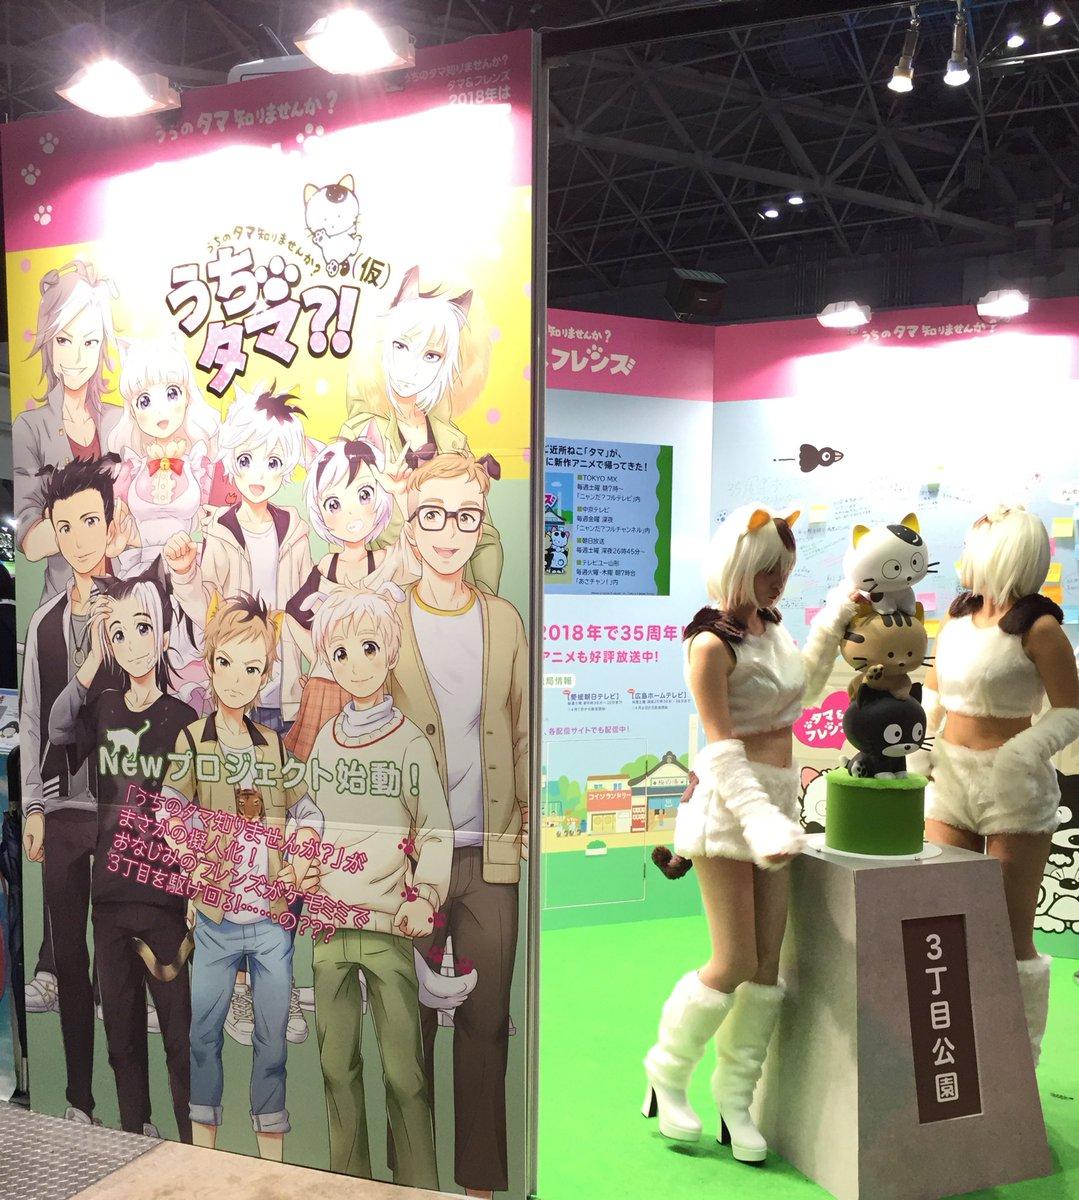 間も無く16:00からアニメジャパン最後のタマの登場です!是非みなさん写真を撮りにきてくださいね!! #animejap